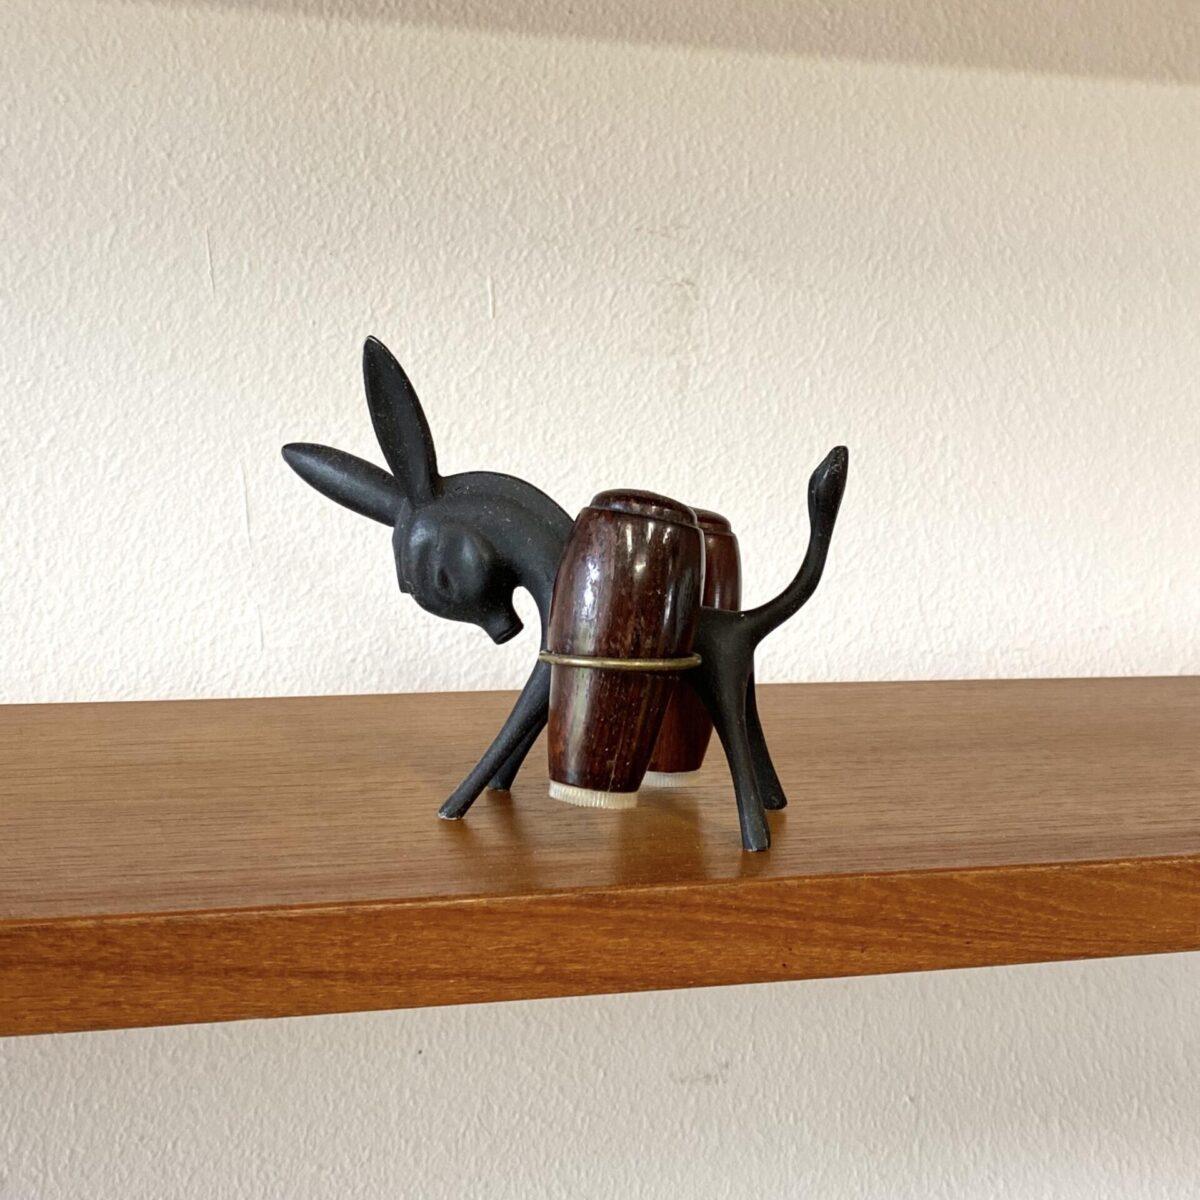 Deuxieme.shop midcentury tiere. Salz & Pfeffer Streuer von Walter Bosse für Hertha Baller. Der kleine Esel ist aus Messing, die Gewürz Streuer aus Palisander. Hergestellt in Österreich in den 60er Jahren.